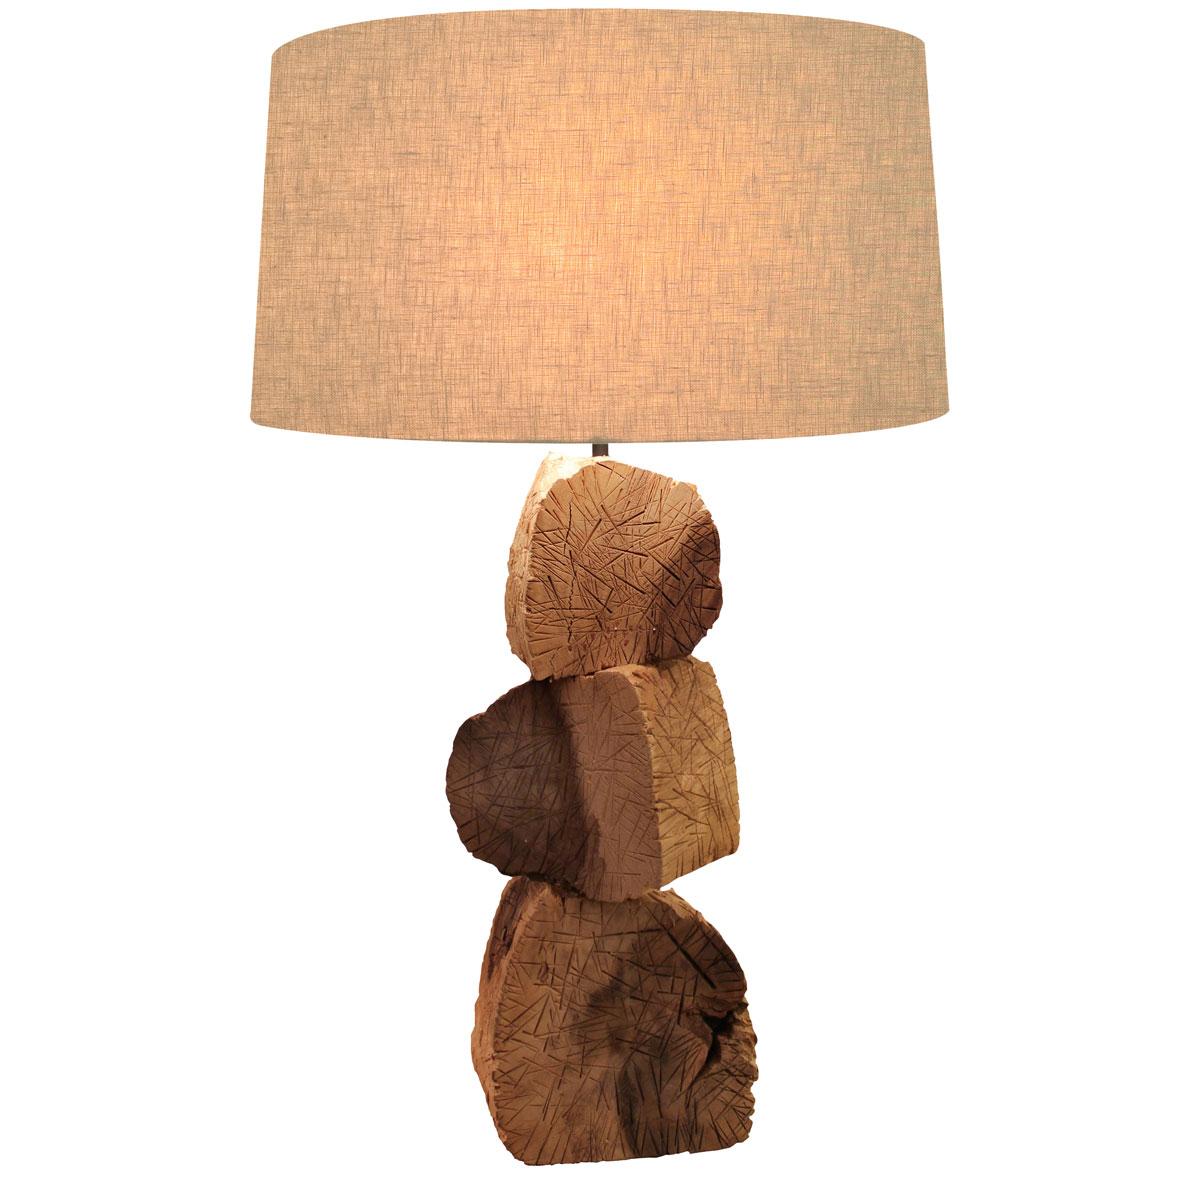 beaten-table-lamp-medium